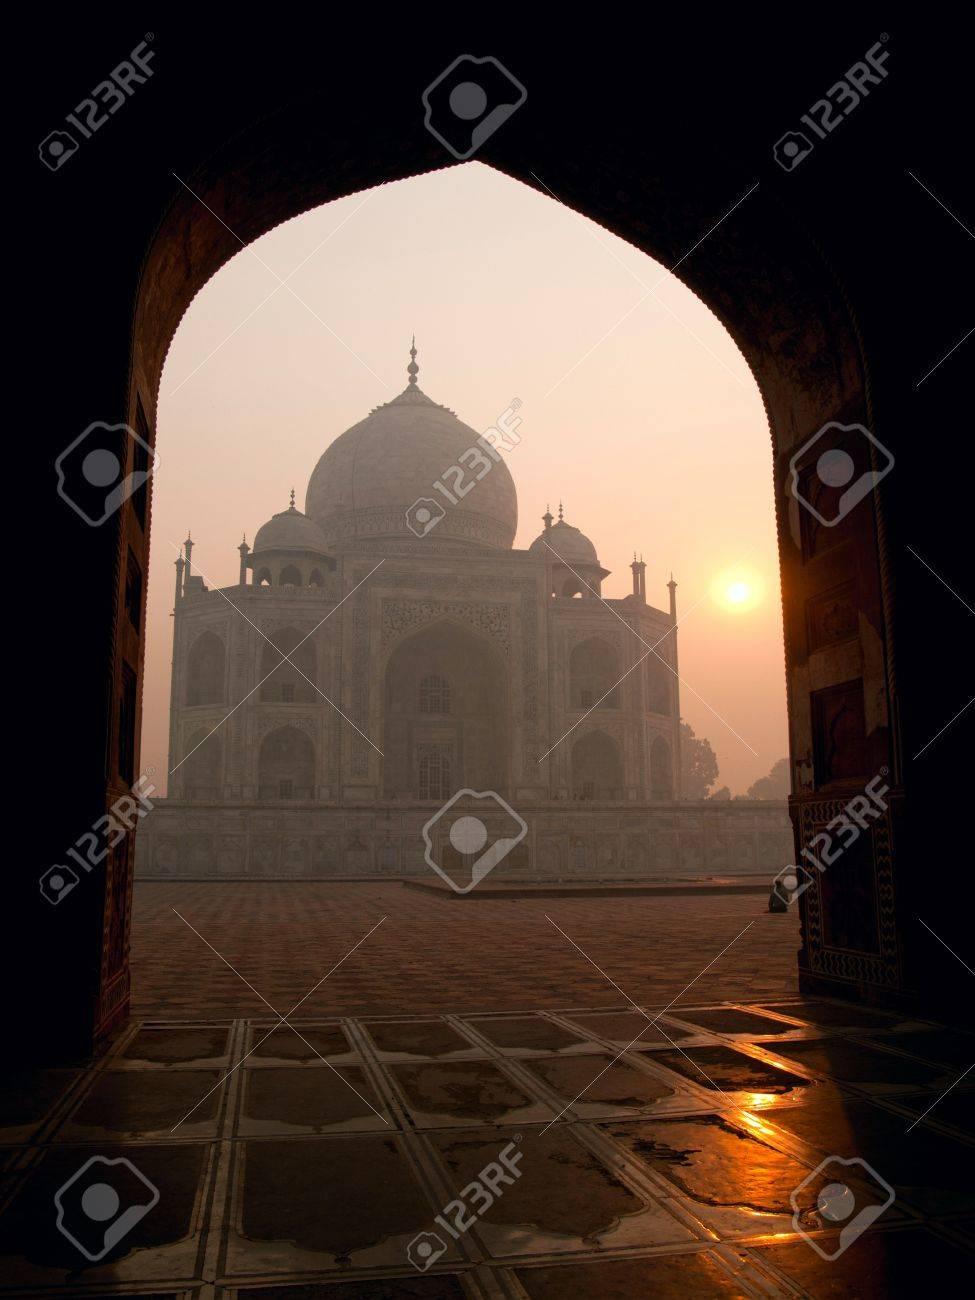 The beautiful Taj Mahal in the morning, Agra - India Stock Photo - 10828024